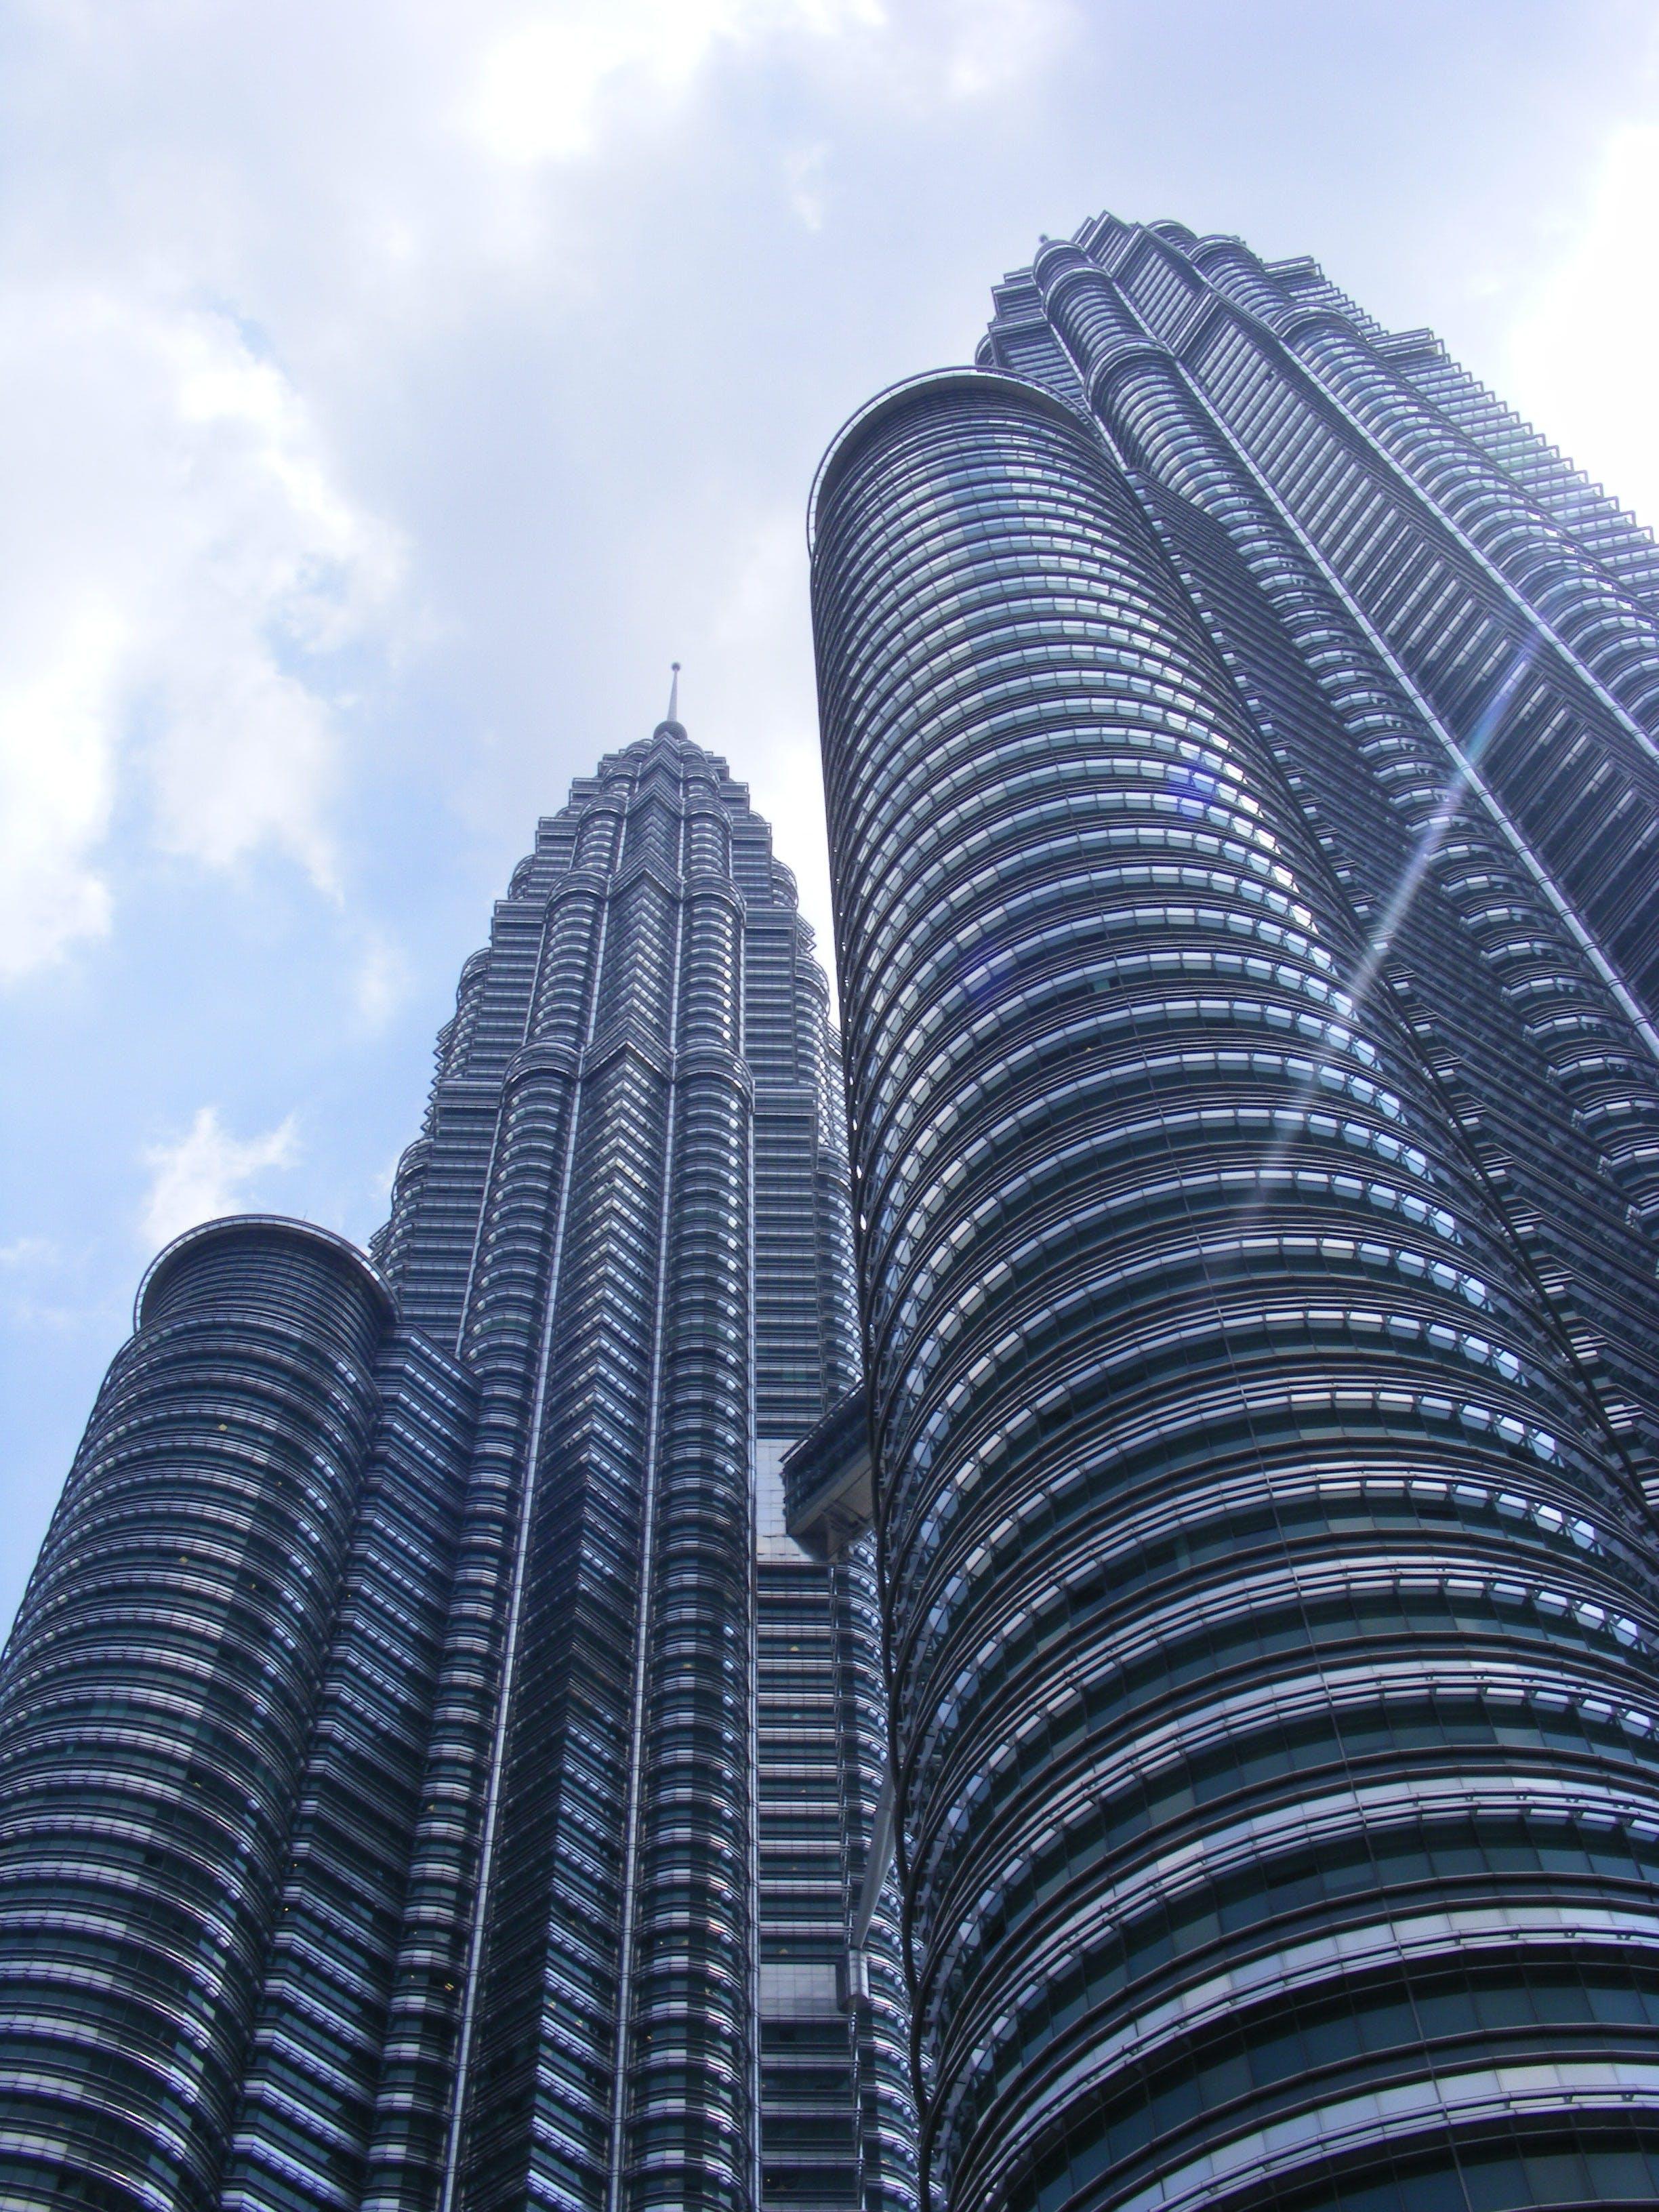 Δωρεάν στοκ φωτογραφιών με kuala lumpur, αρχιτεκτονική, δίδυμοι πύργοι Πετρόνας, δομή από χάλυβα και τσιμέντο